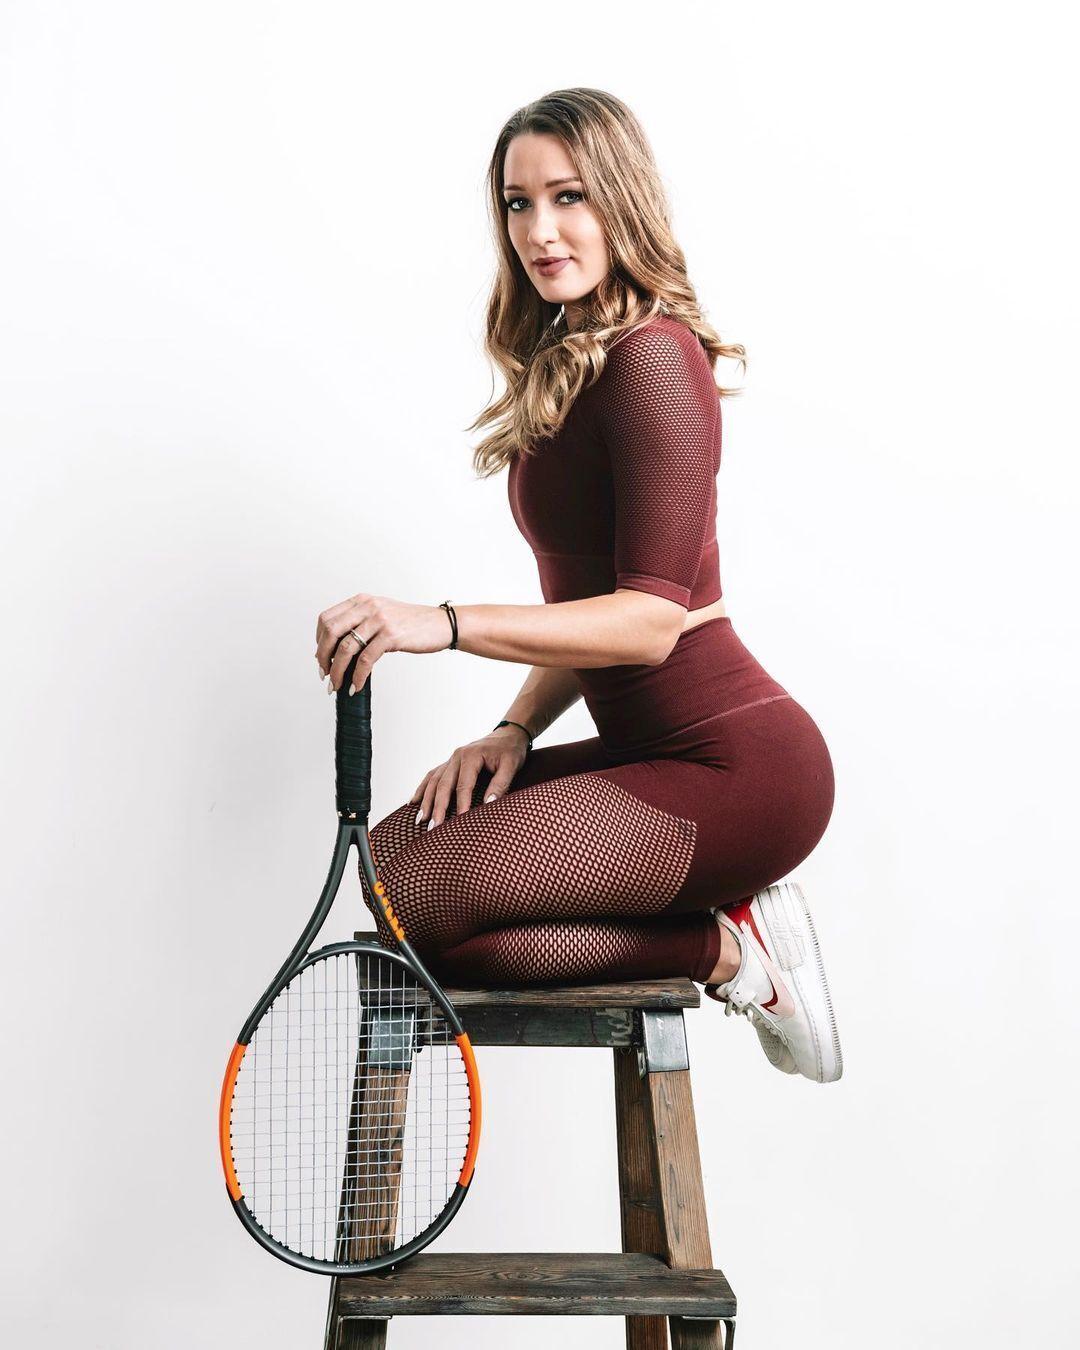 Российская теннисистка Яна Сизикова.